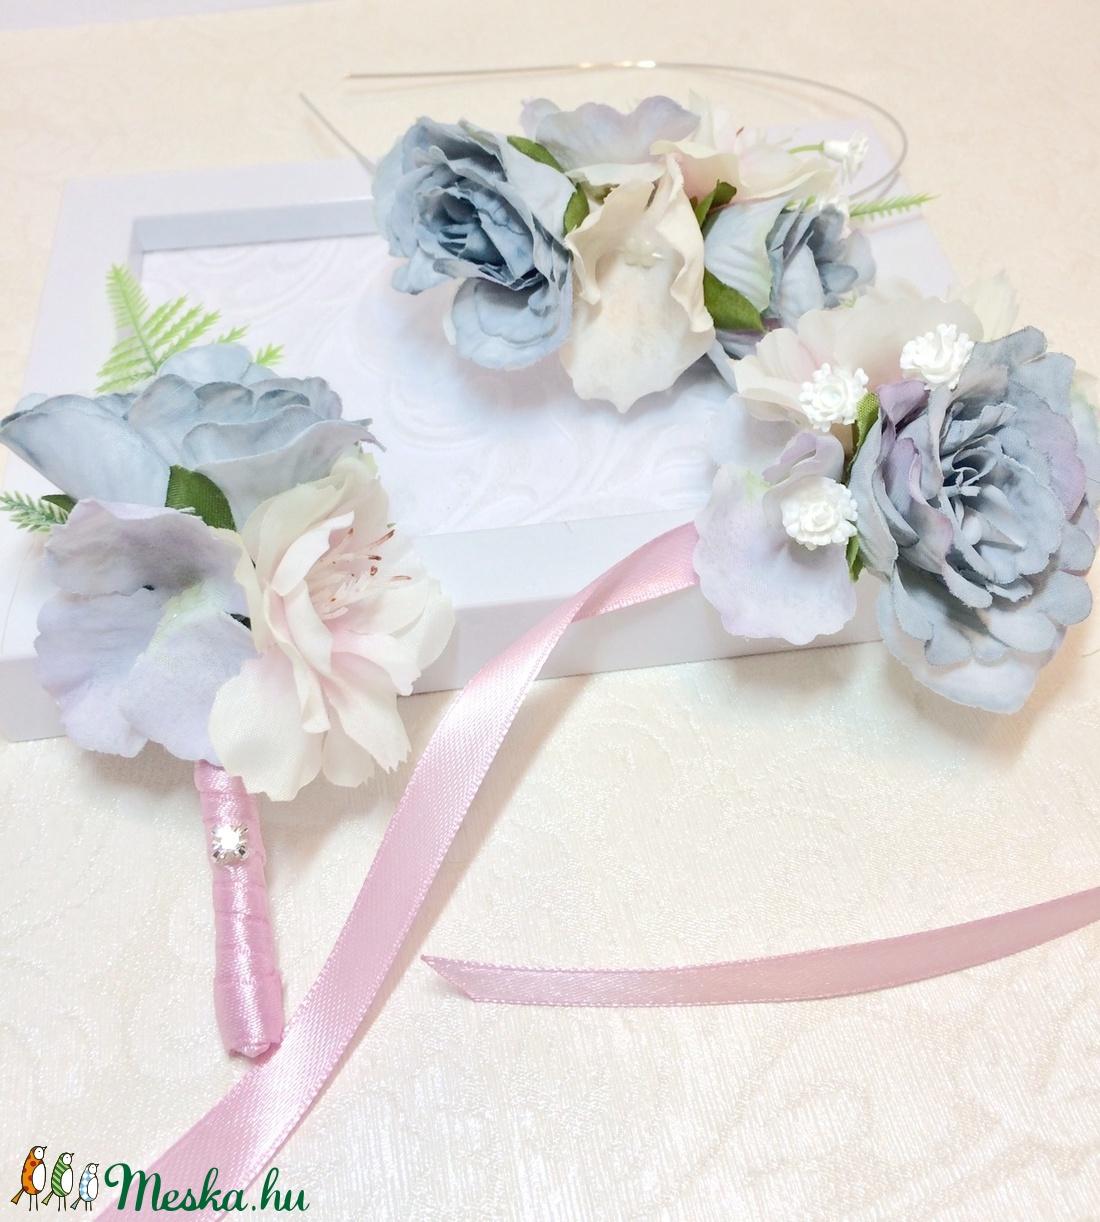 Pasztell rózsaszín és halványkék bájos menyasszonyi, gyerek hajdísz, hajráf, tiara - esküvő - hajdísz - hajpánt - hajdísz - Meska.hu